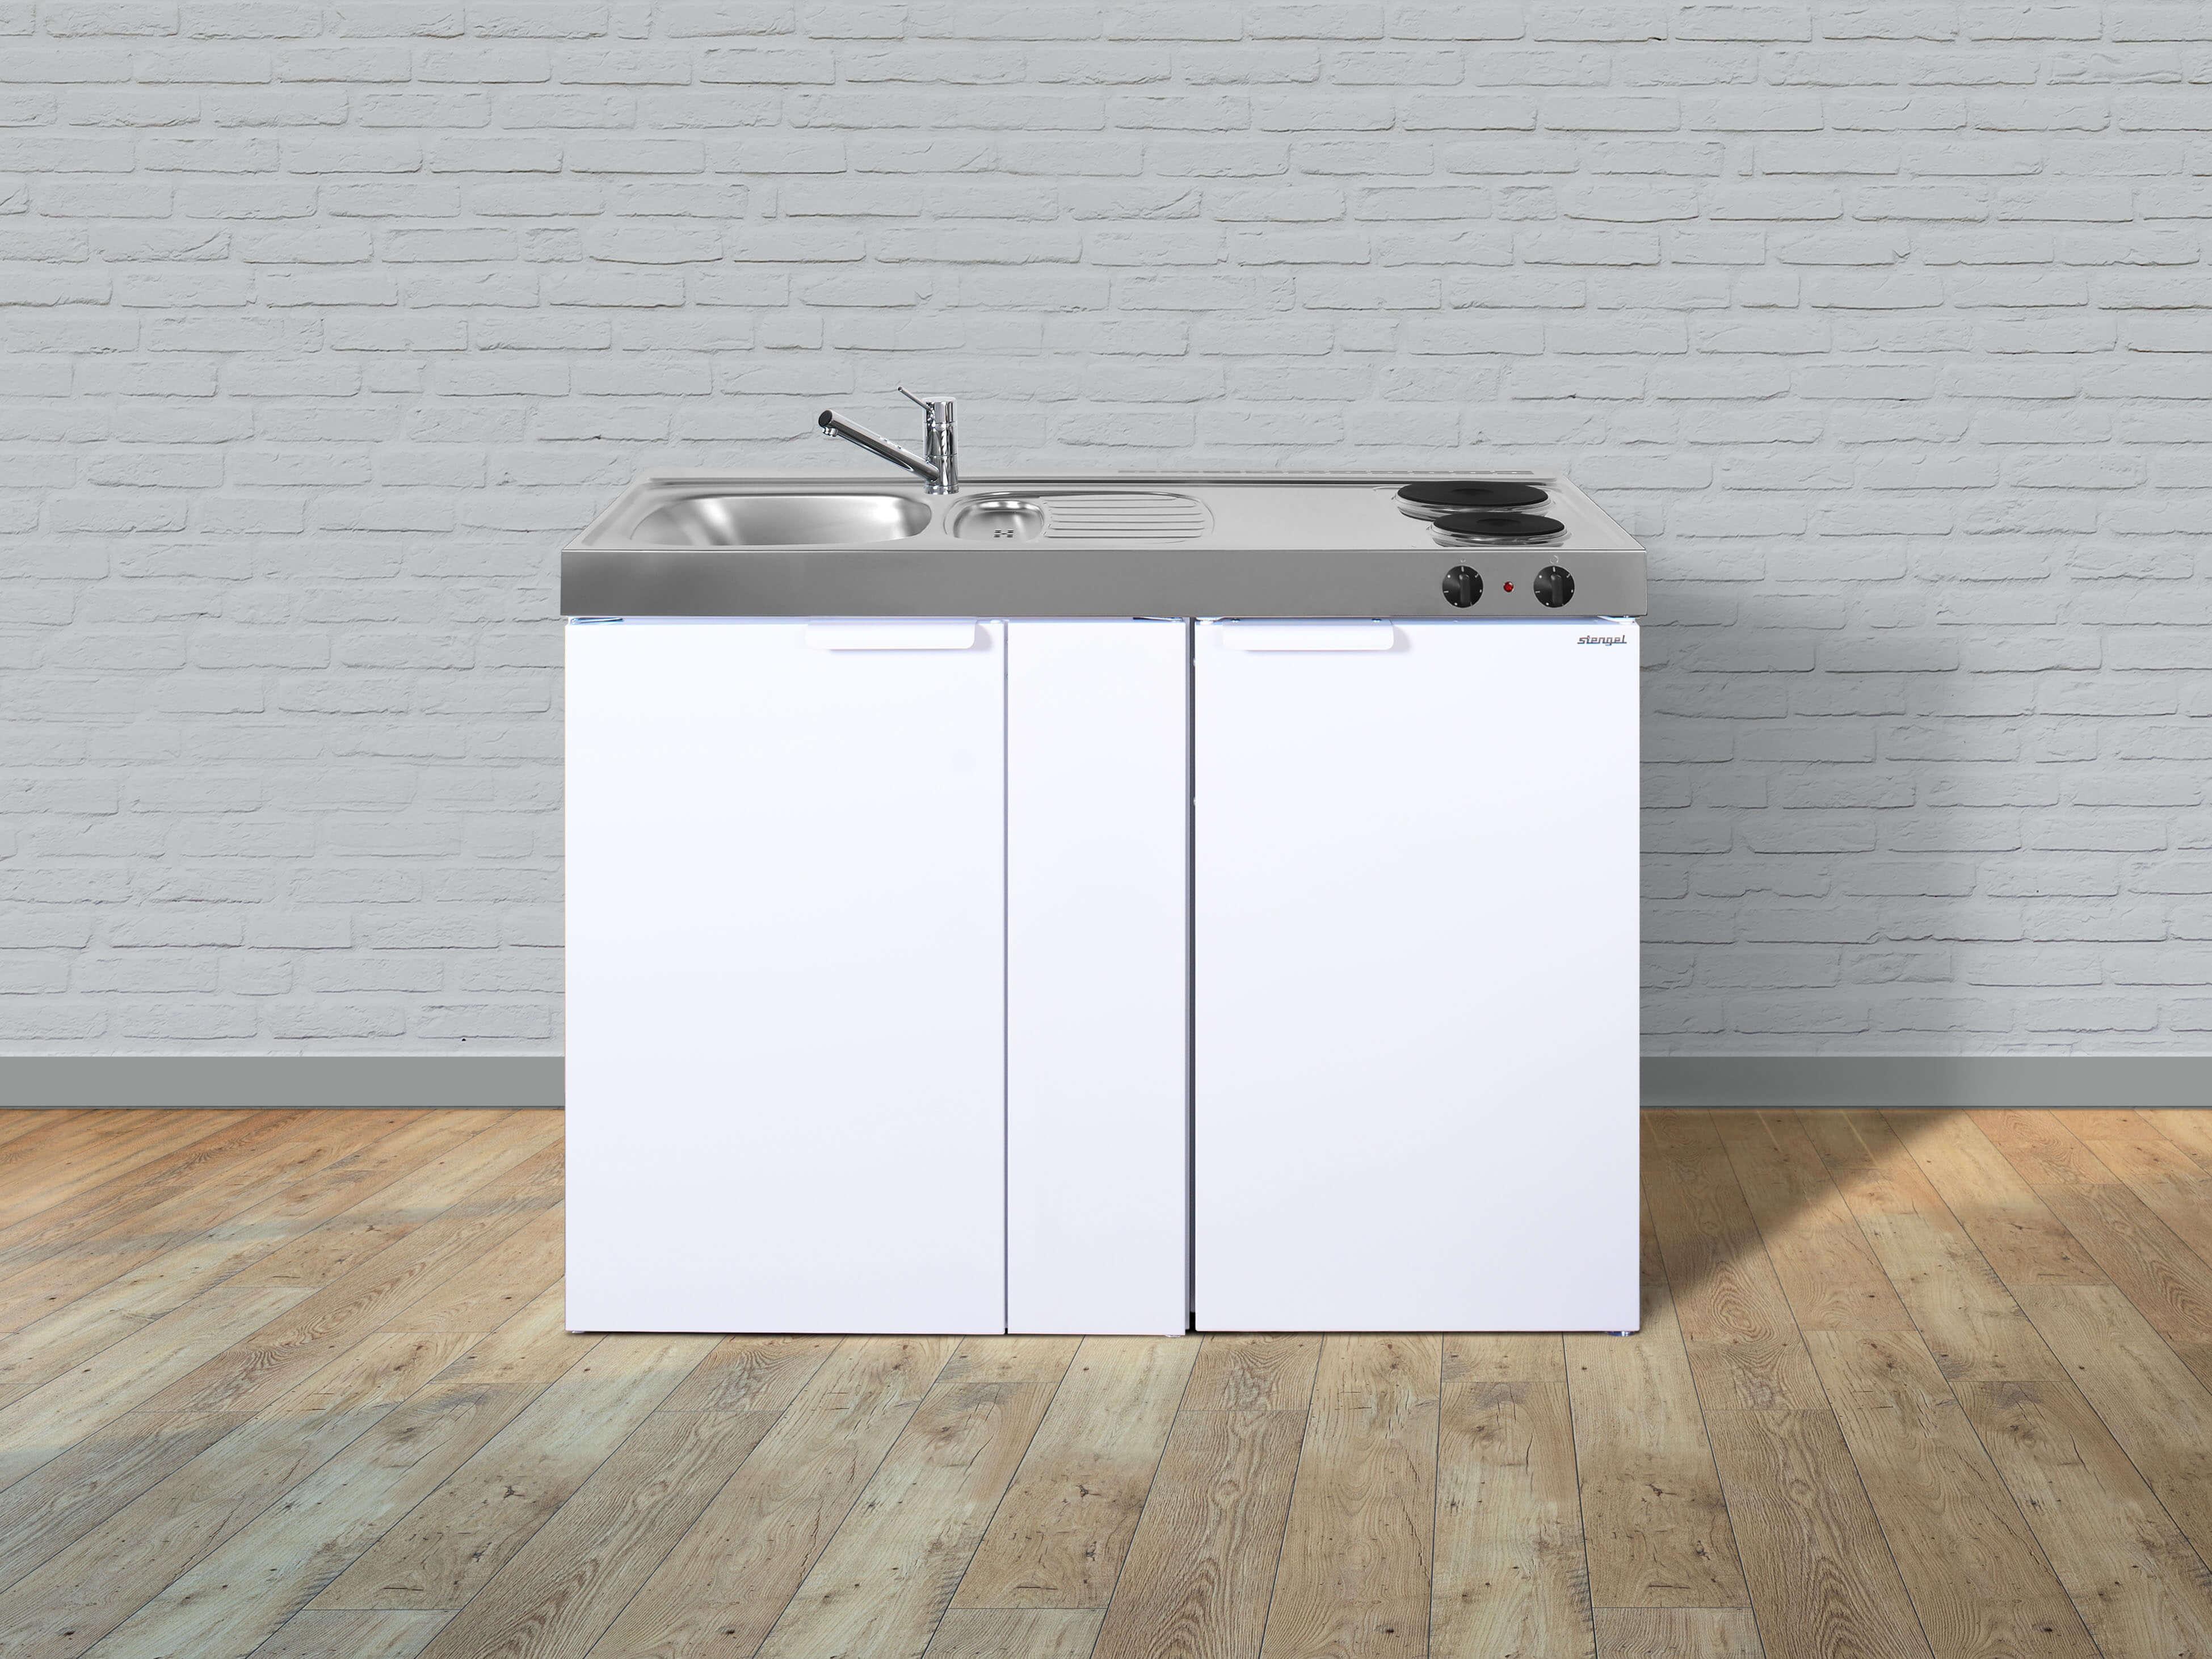 Miniküche Mit Kühlschrank Und Geschirrspüler : Stengel miniküche kitchenline mk miniküchen online